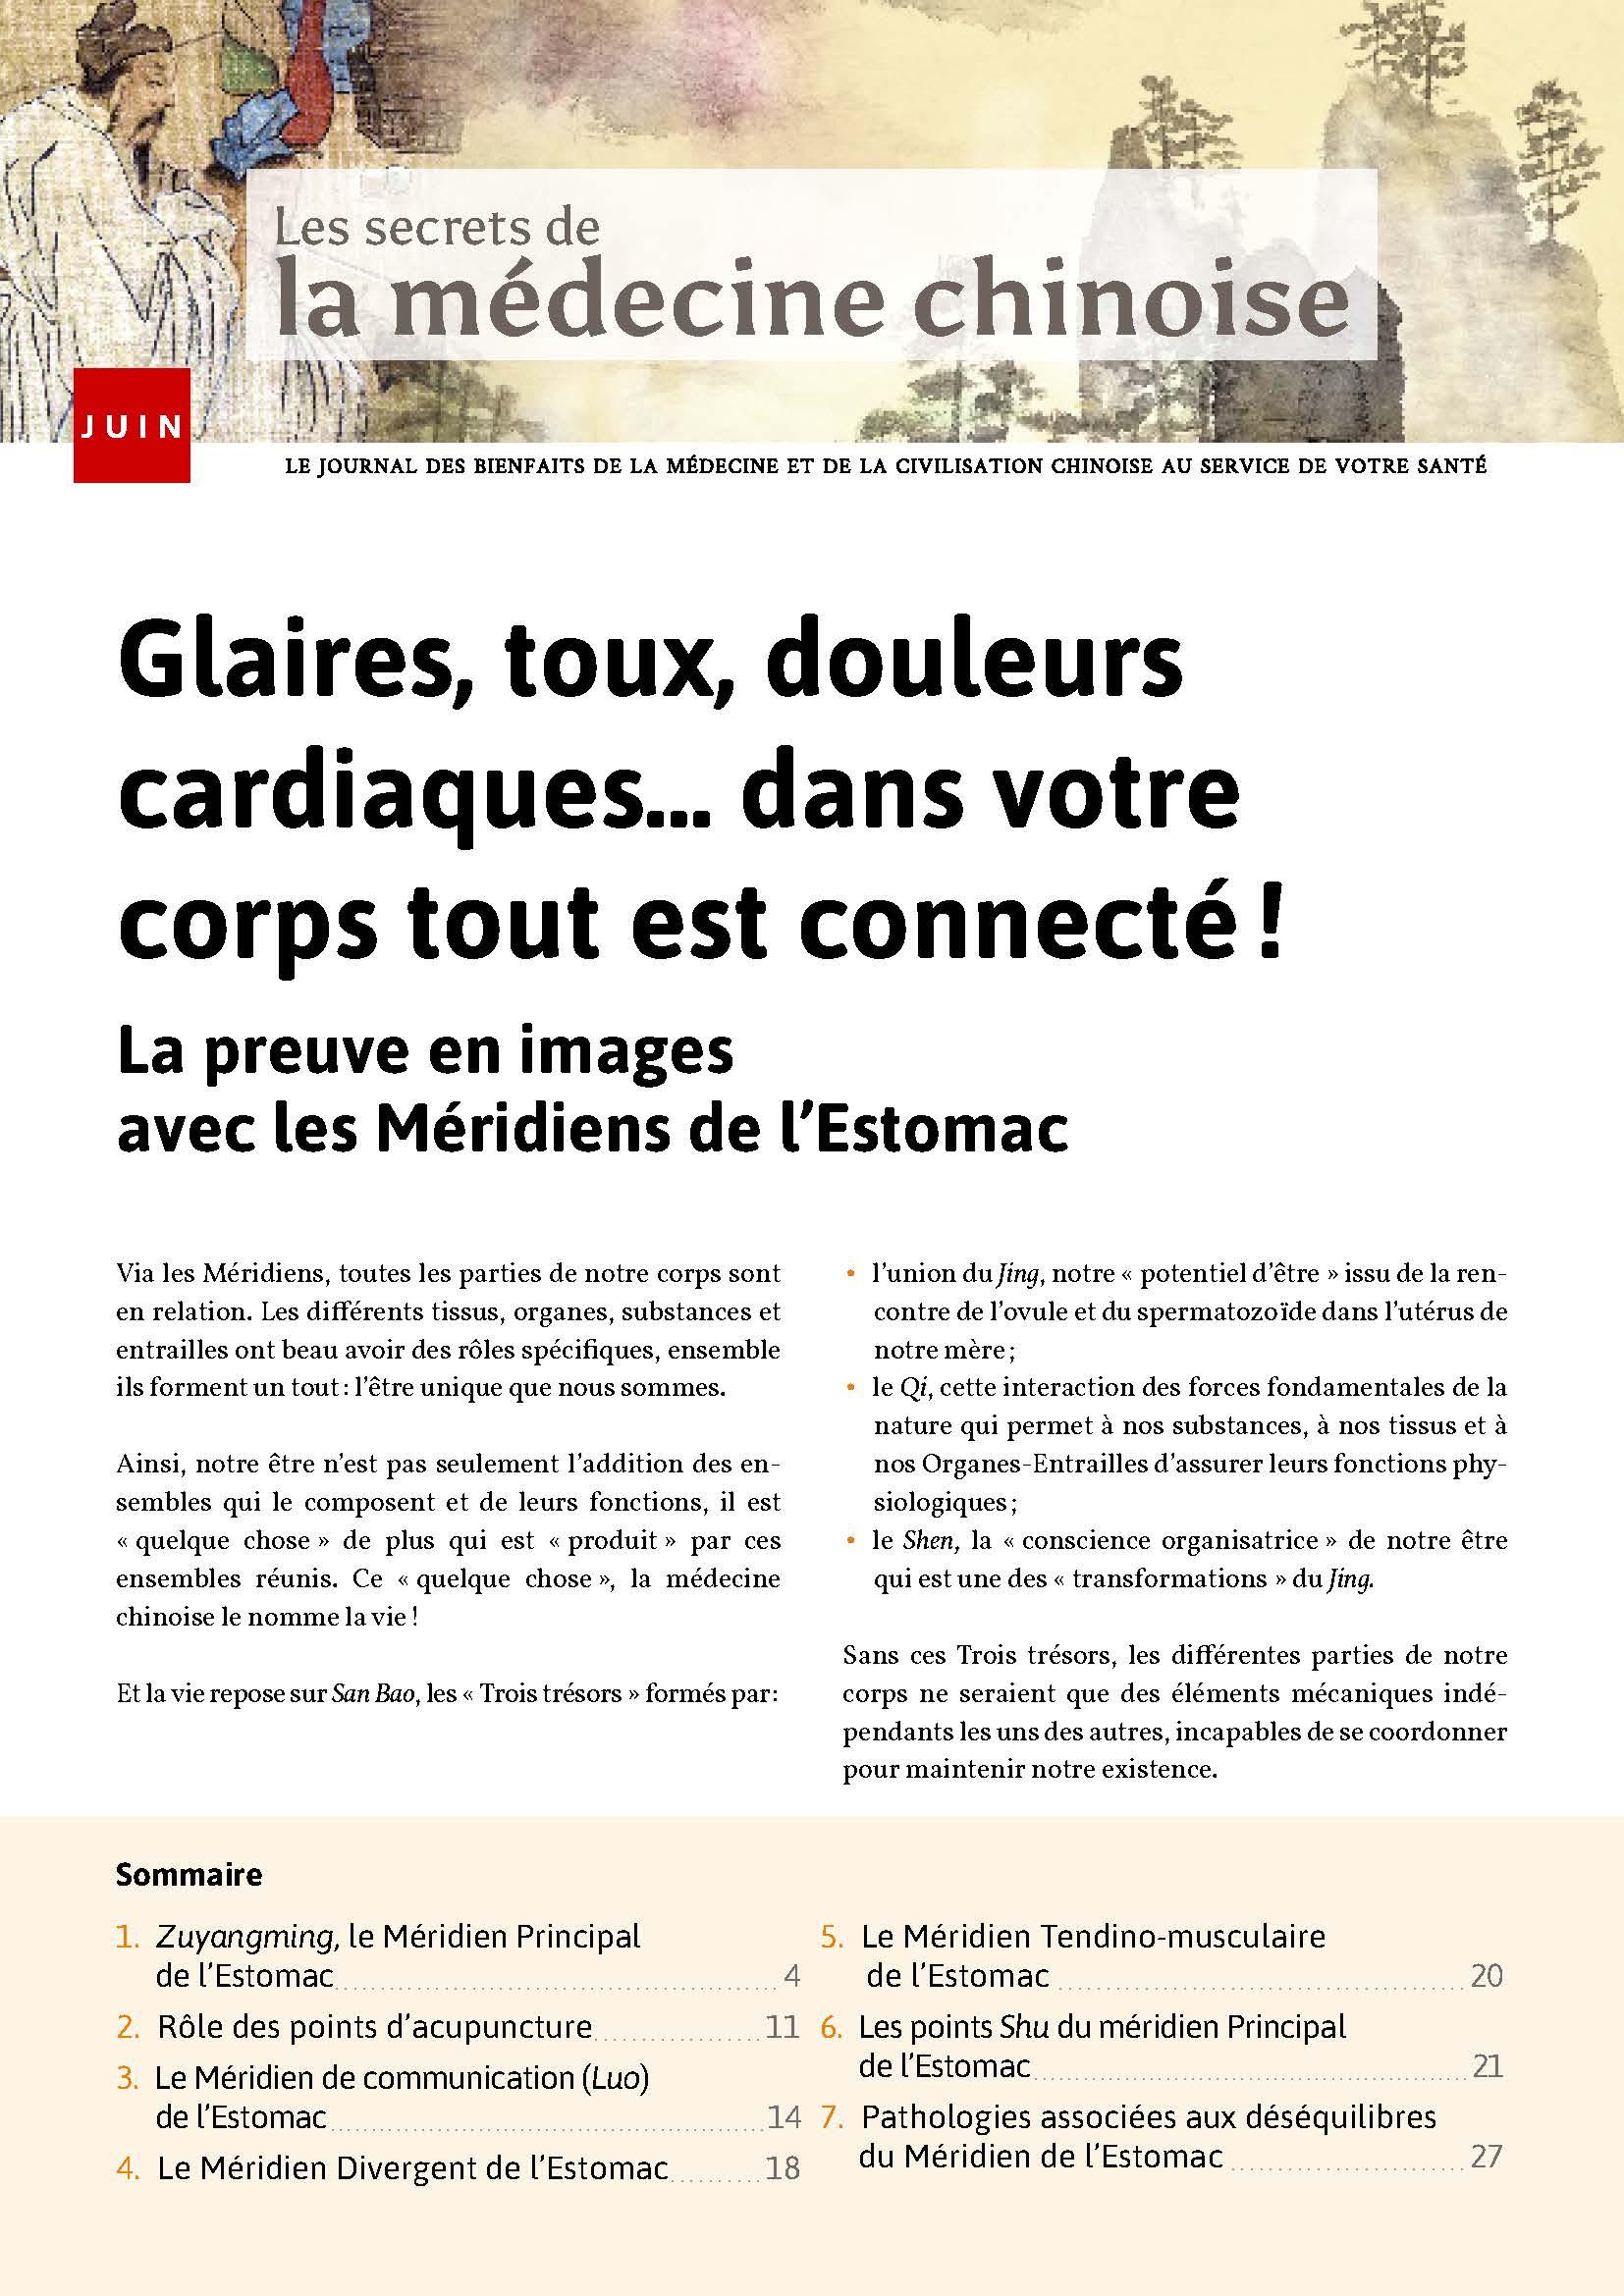 46-Juin-2019-Glaires-toux-doultre-corps-tout-est-connecte-SD 1